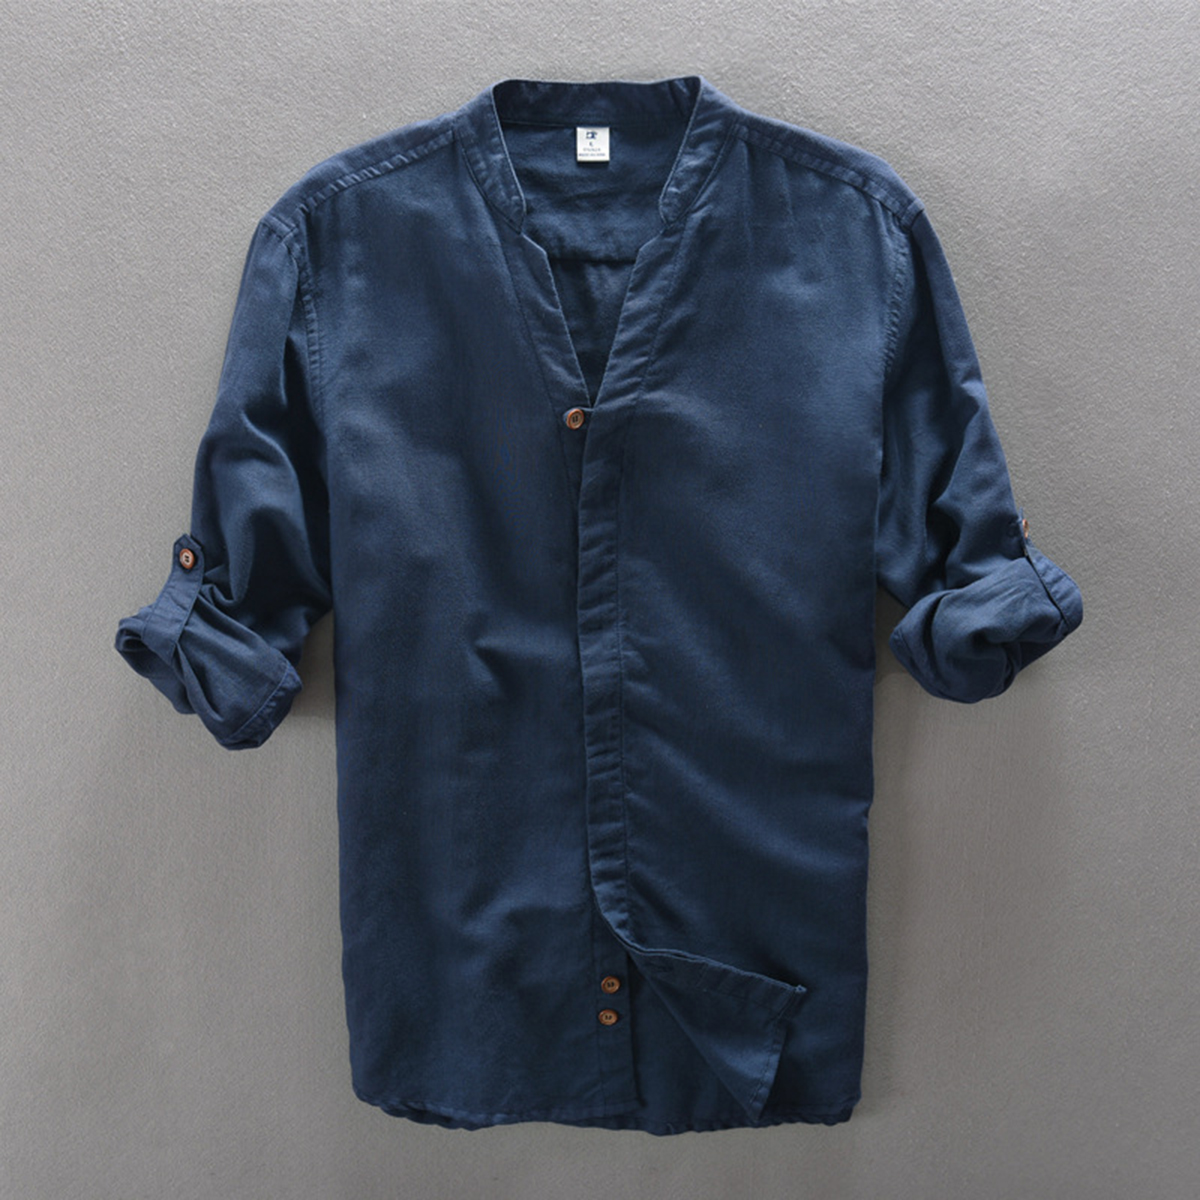 Мужские льняные рубашки Helisopus, повседневные облегающие рубашки с длинным рукавом и v образным вырезом, уличная одежда, китайские Топы Kongfu, camisa masculina|vintage linen shirt|linen shirts menfit shirt | АлиЭкспресс